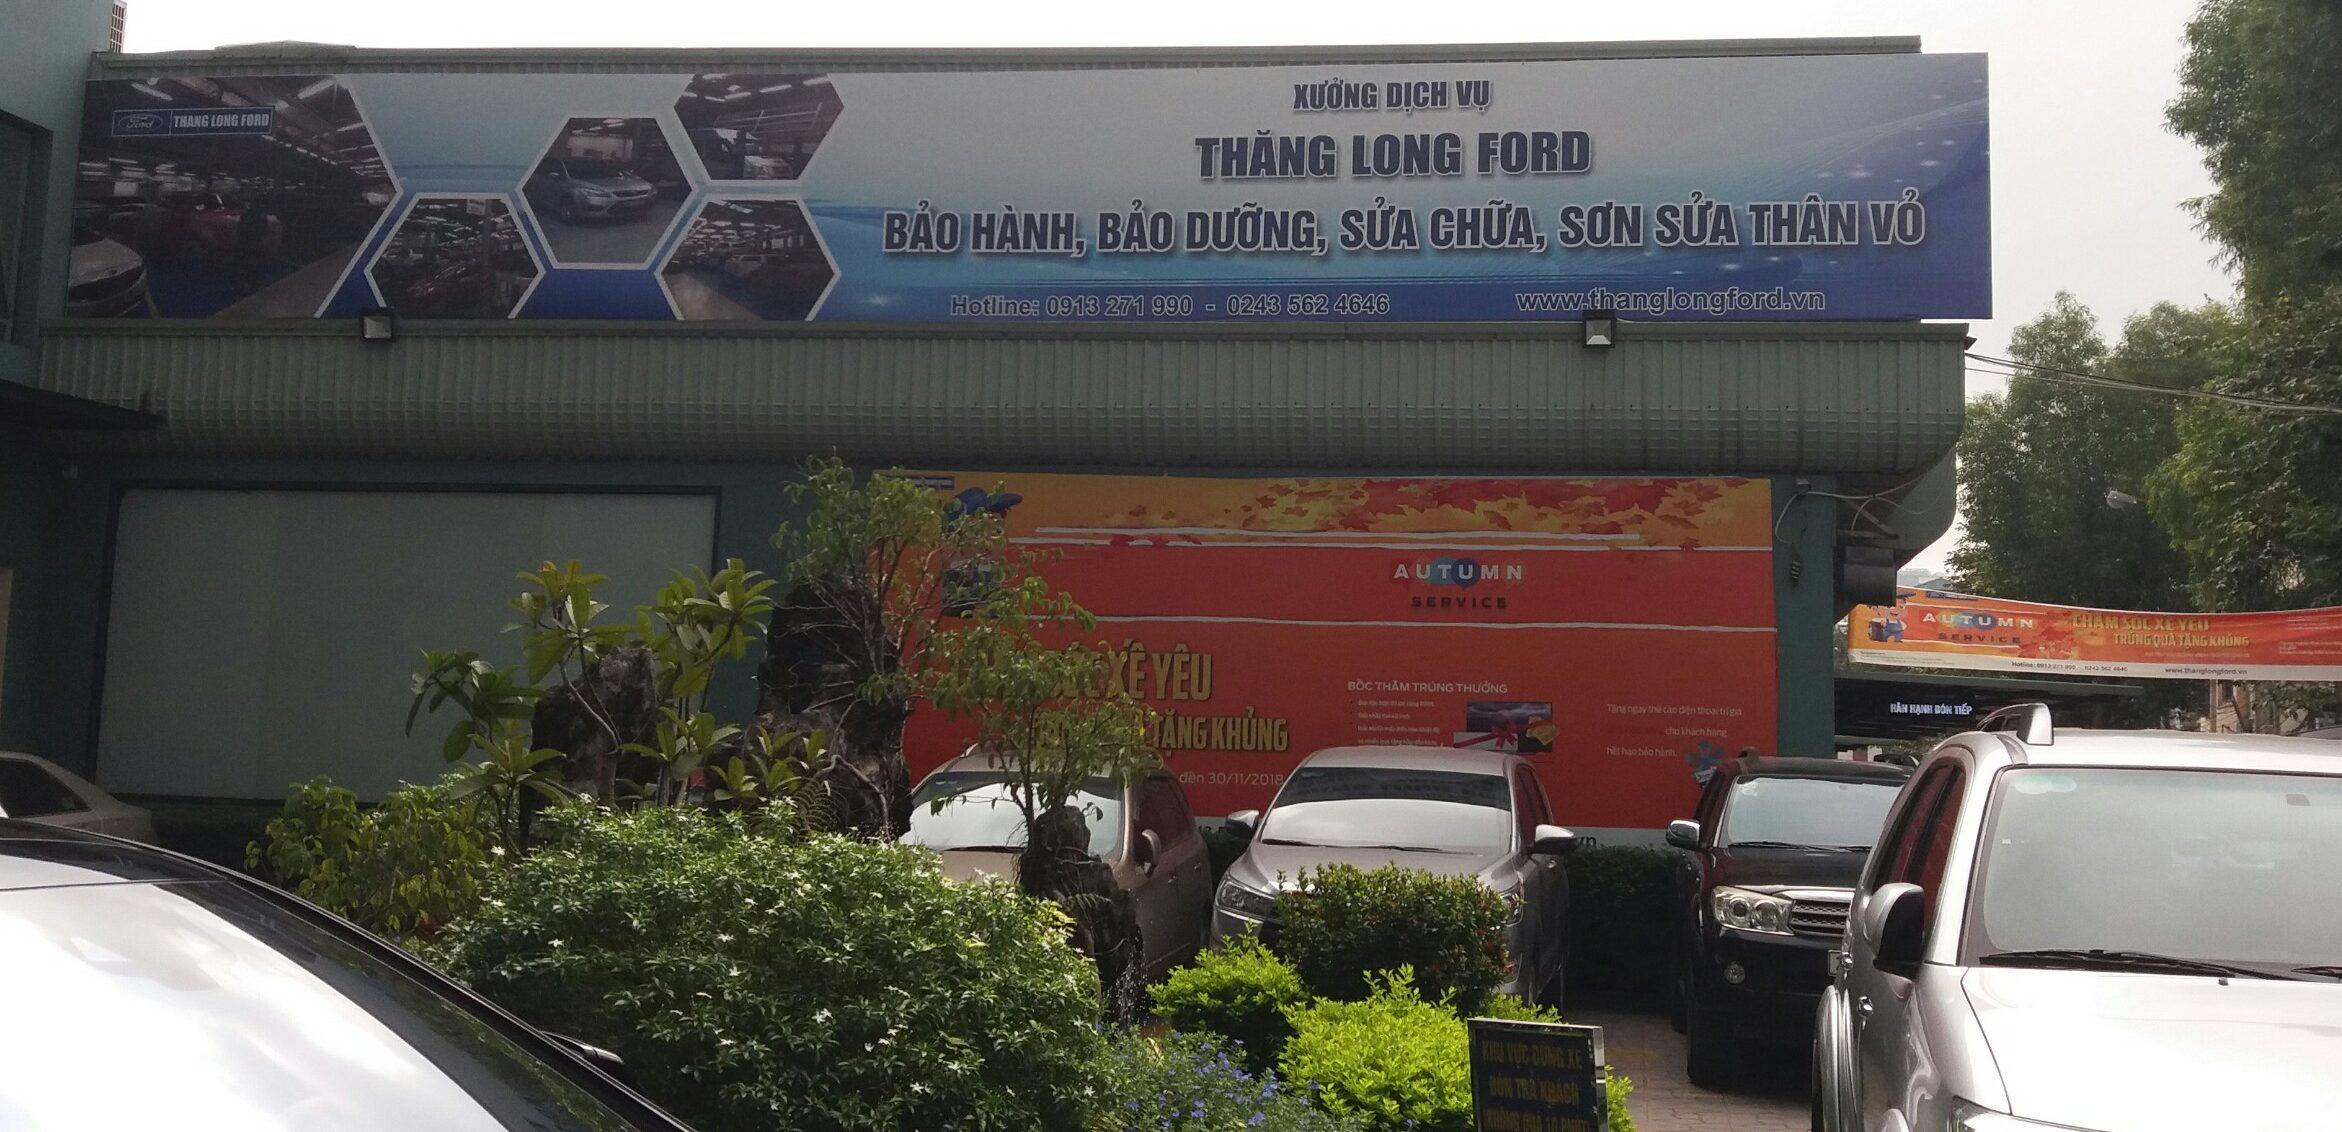 Đại lý Ford ở Hà Nội